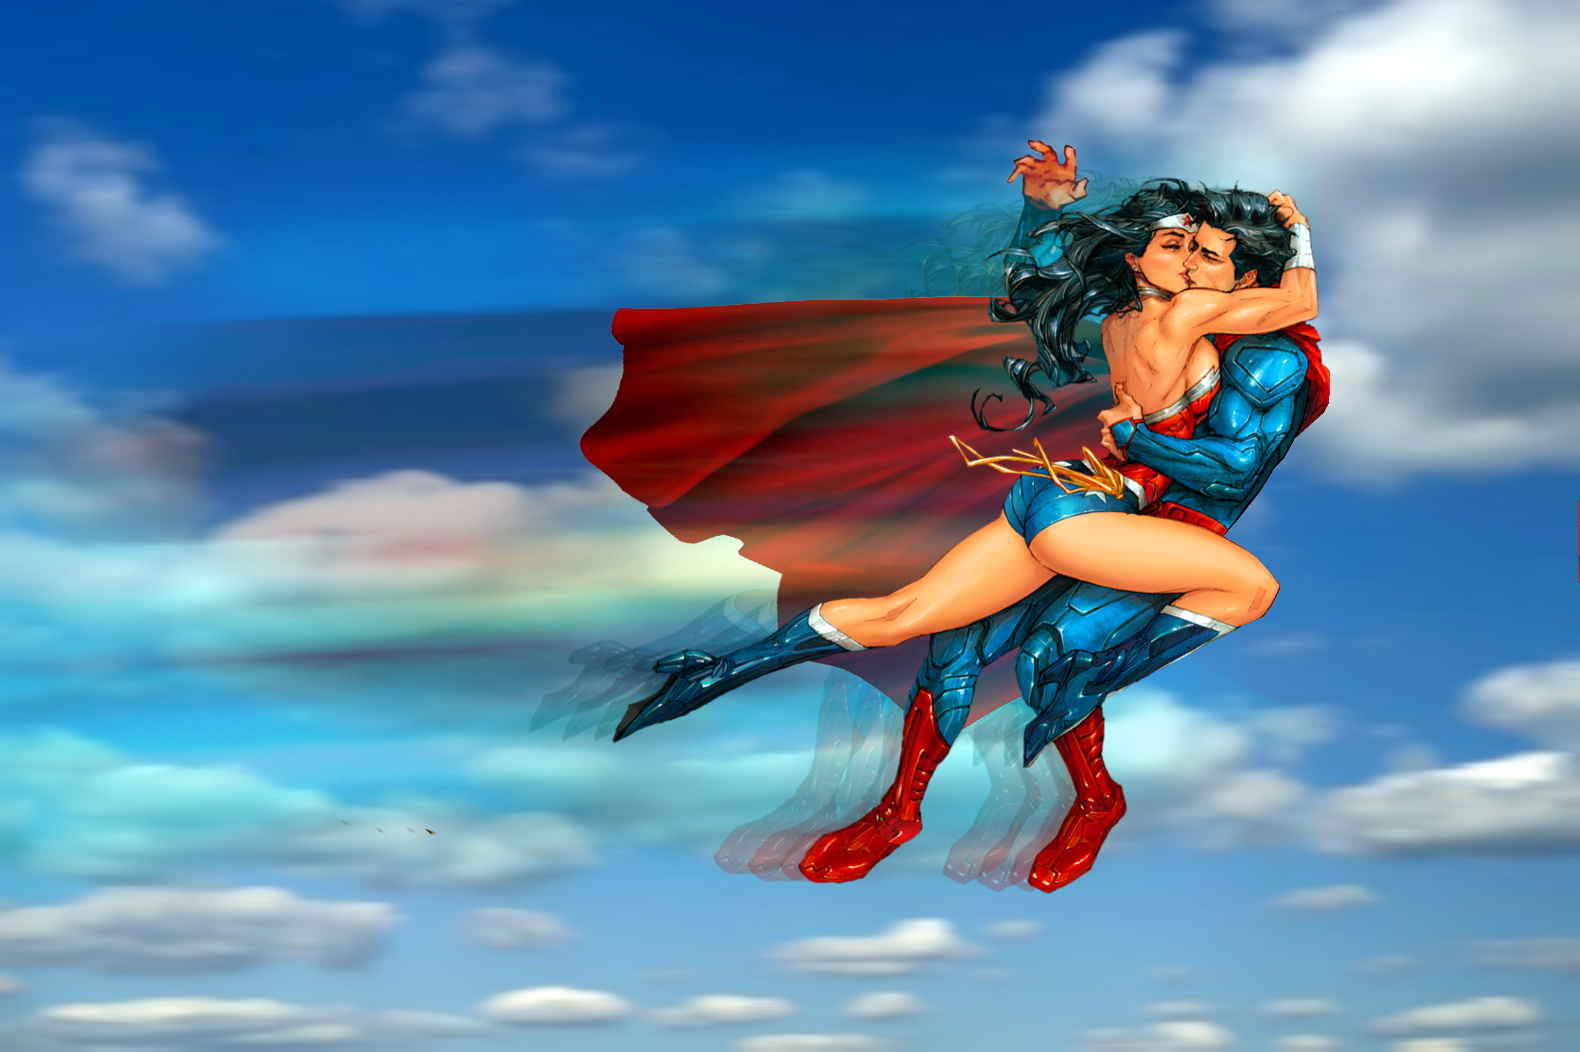 Superman and Wonder Woman: Ramming kiss